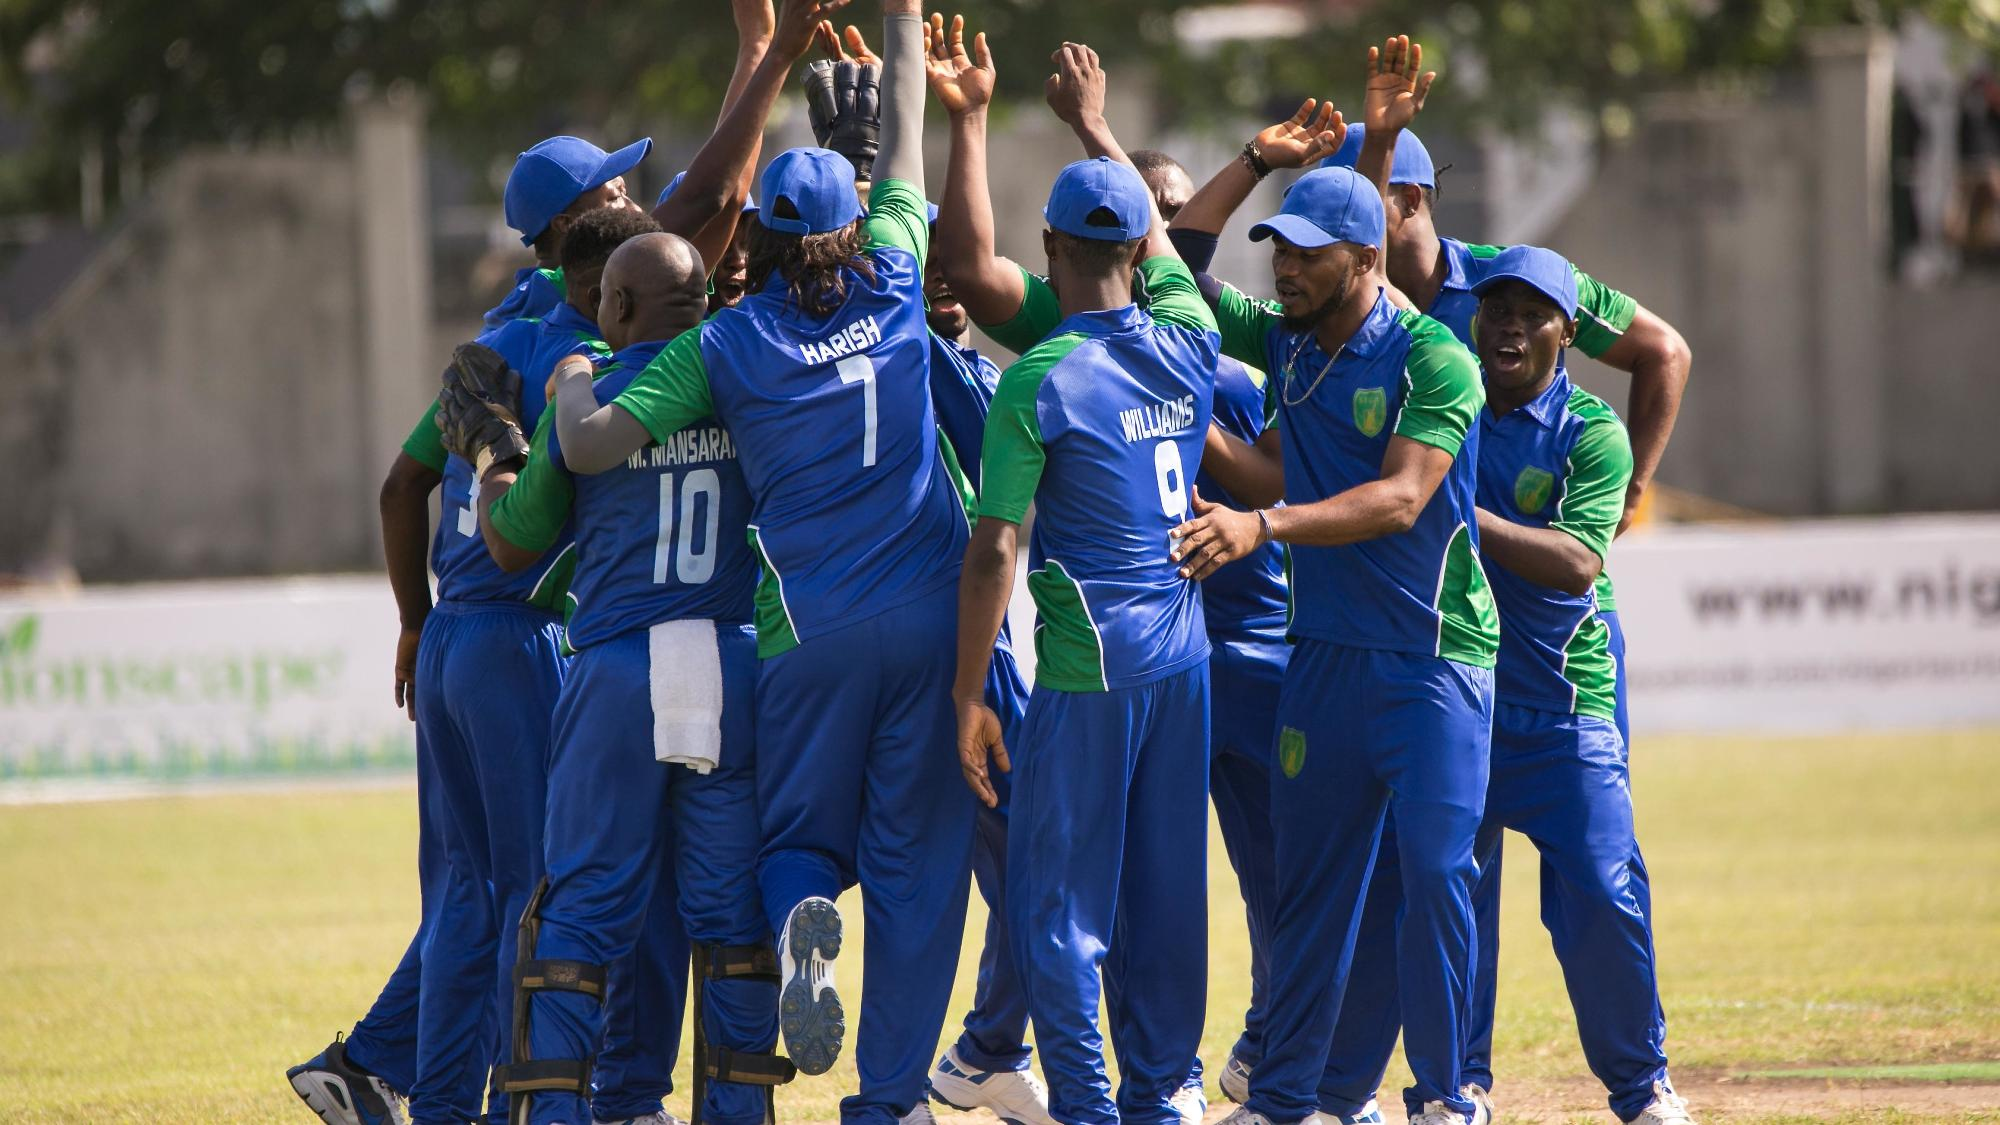 Sierra Leone celebrate a wicket